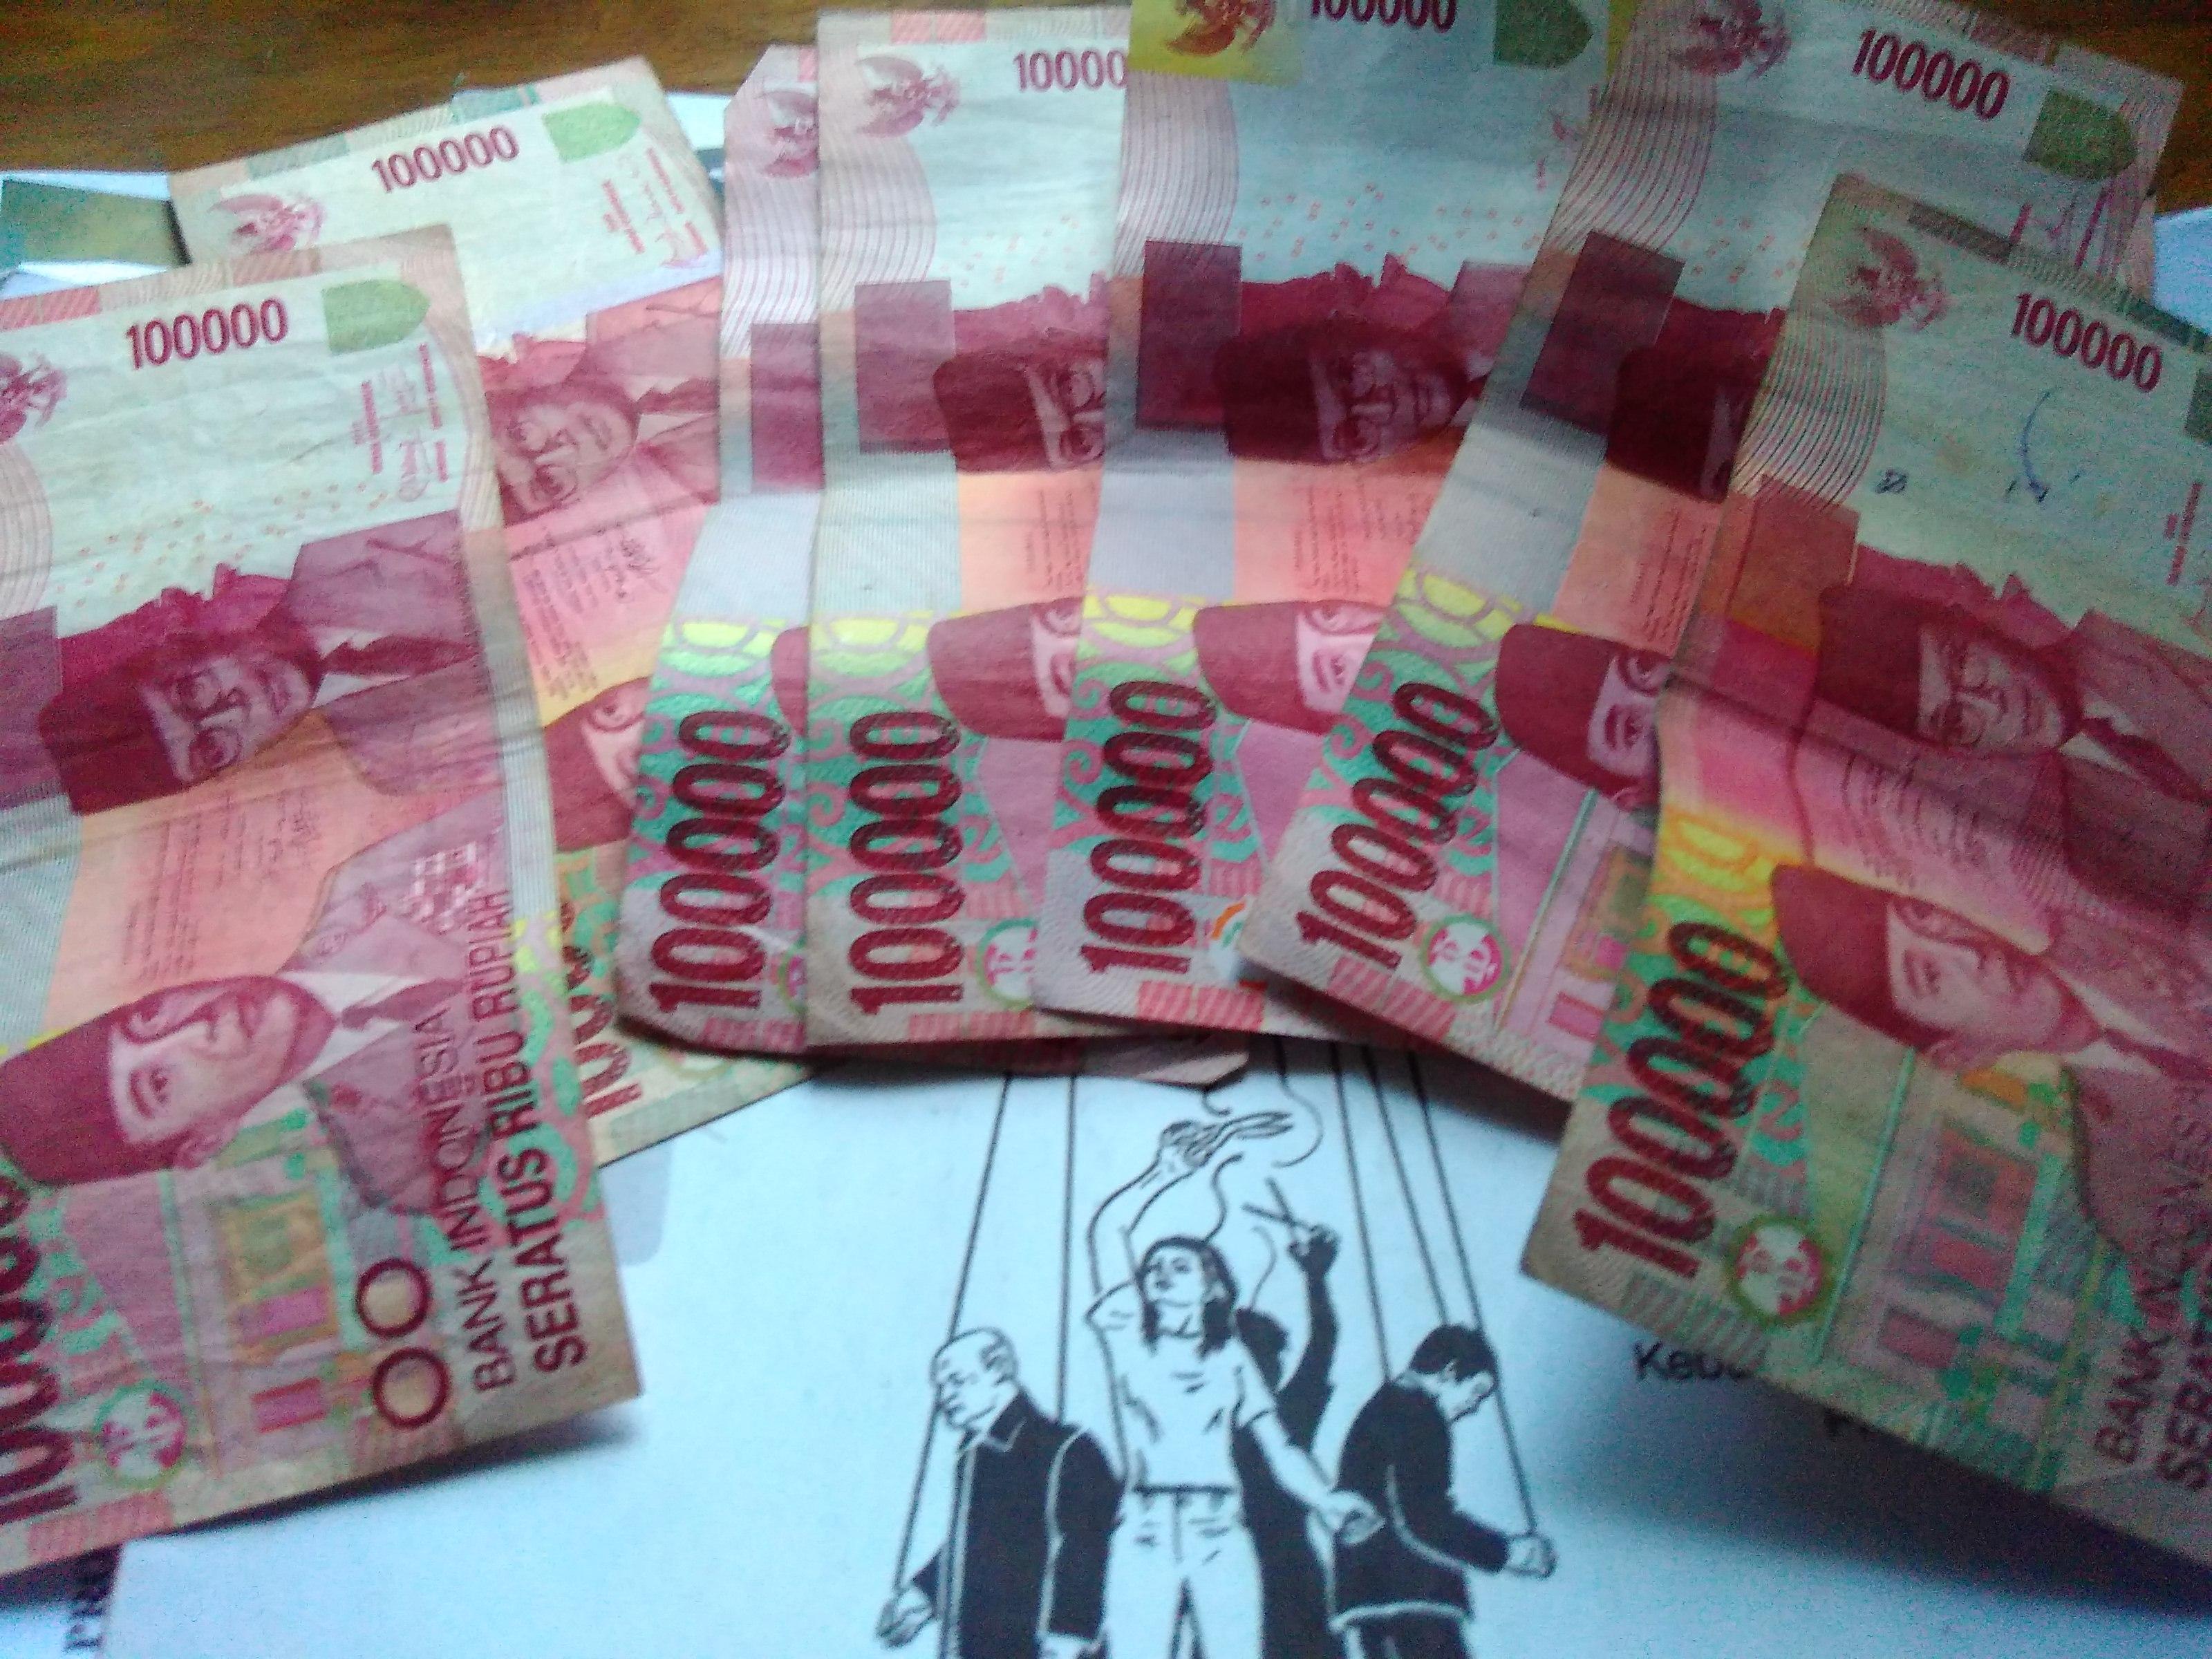 Ilustrasi Uang. (PERSPEKTIF)